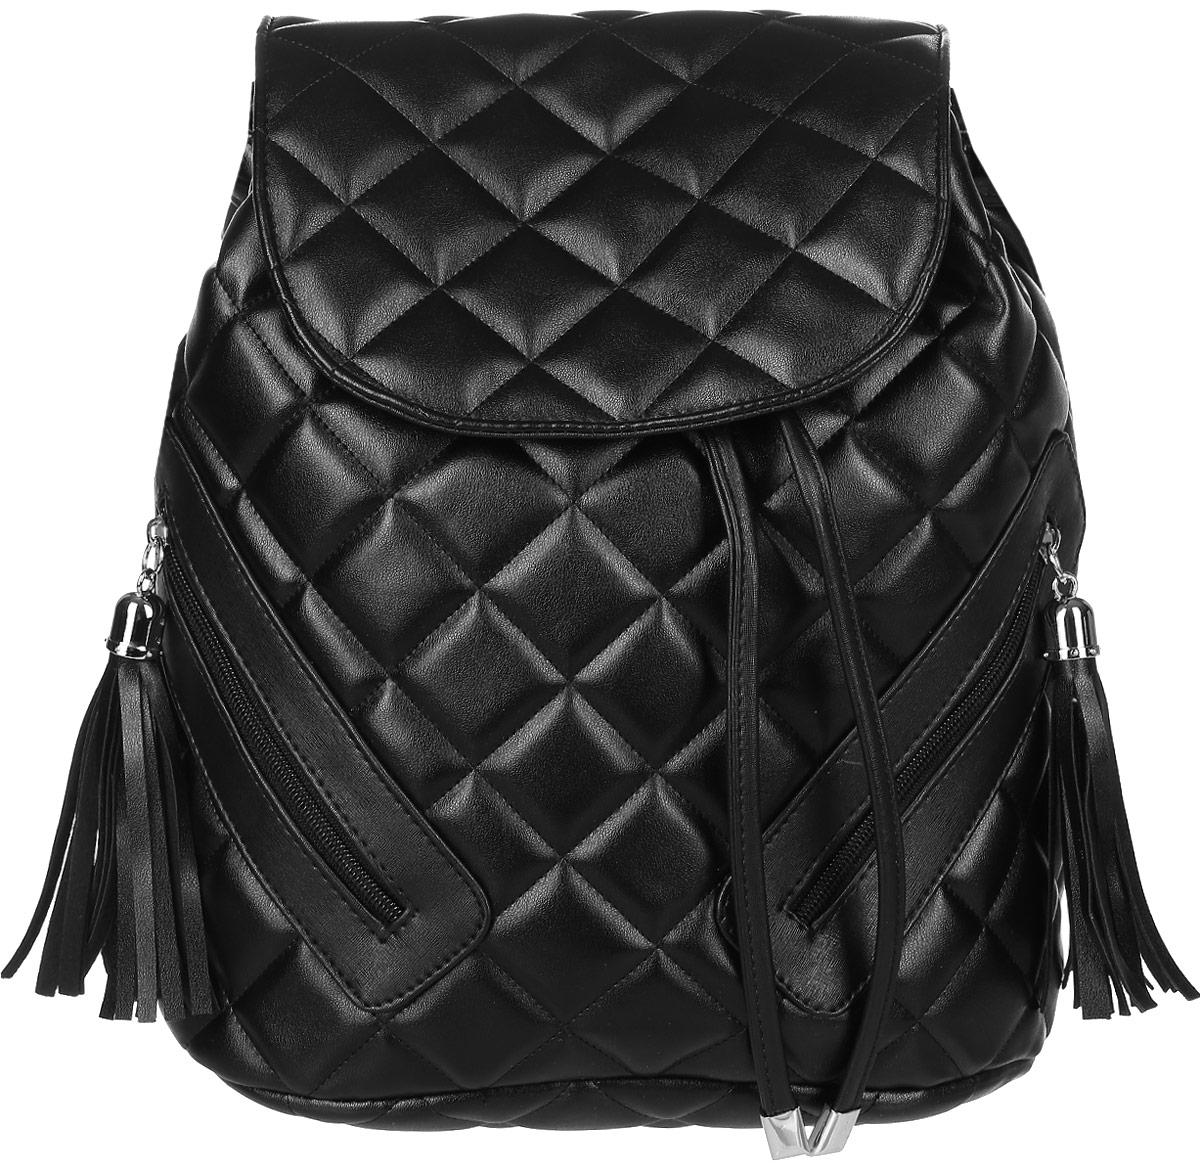 Рюкзак женский Аntan, цвет: черный. 46500650199103-47660-00504Стильный рюкзак Аntan выполнен из высококачественной искусственной кожи. Изделие спереди оснащено вертикальными карманами, которые закрываются на застежки-молнии. Рюкзак оснащен петлей для подвешивания и удобными лямками, длину которых можно регулировать с помощью пряжек. Изделие закрывается с помощью затягивающегося шнурка и и клапана. Внутри изделие имеет один карман на застежке-молнии.